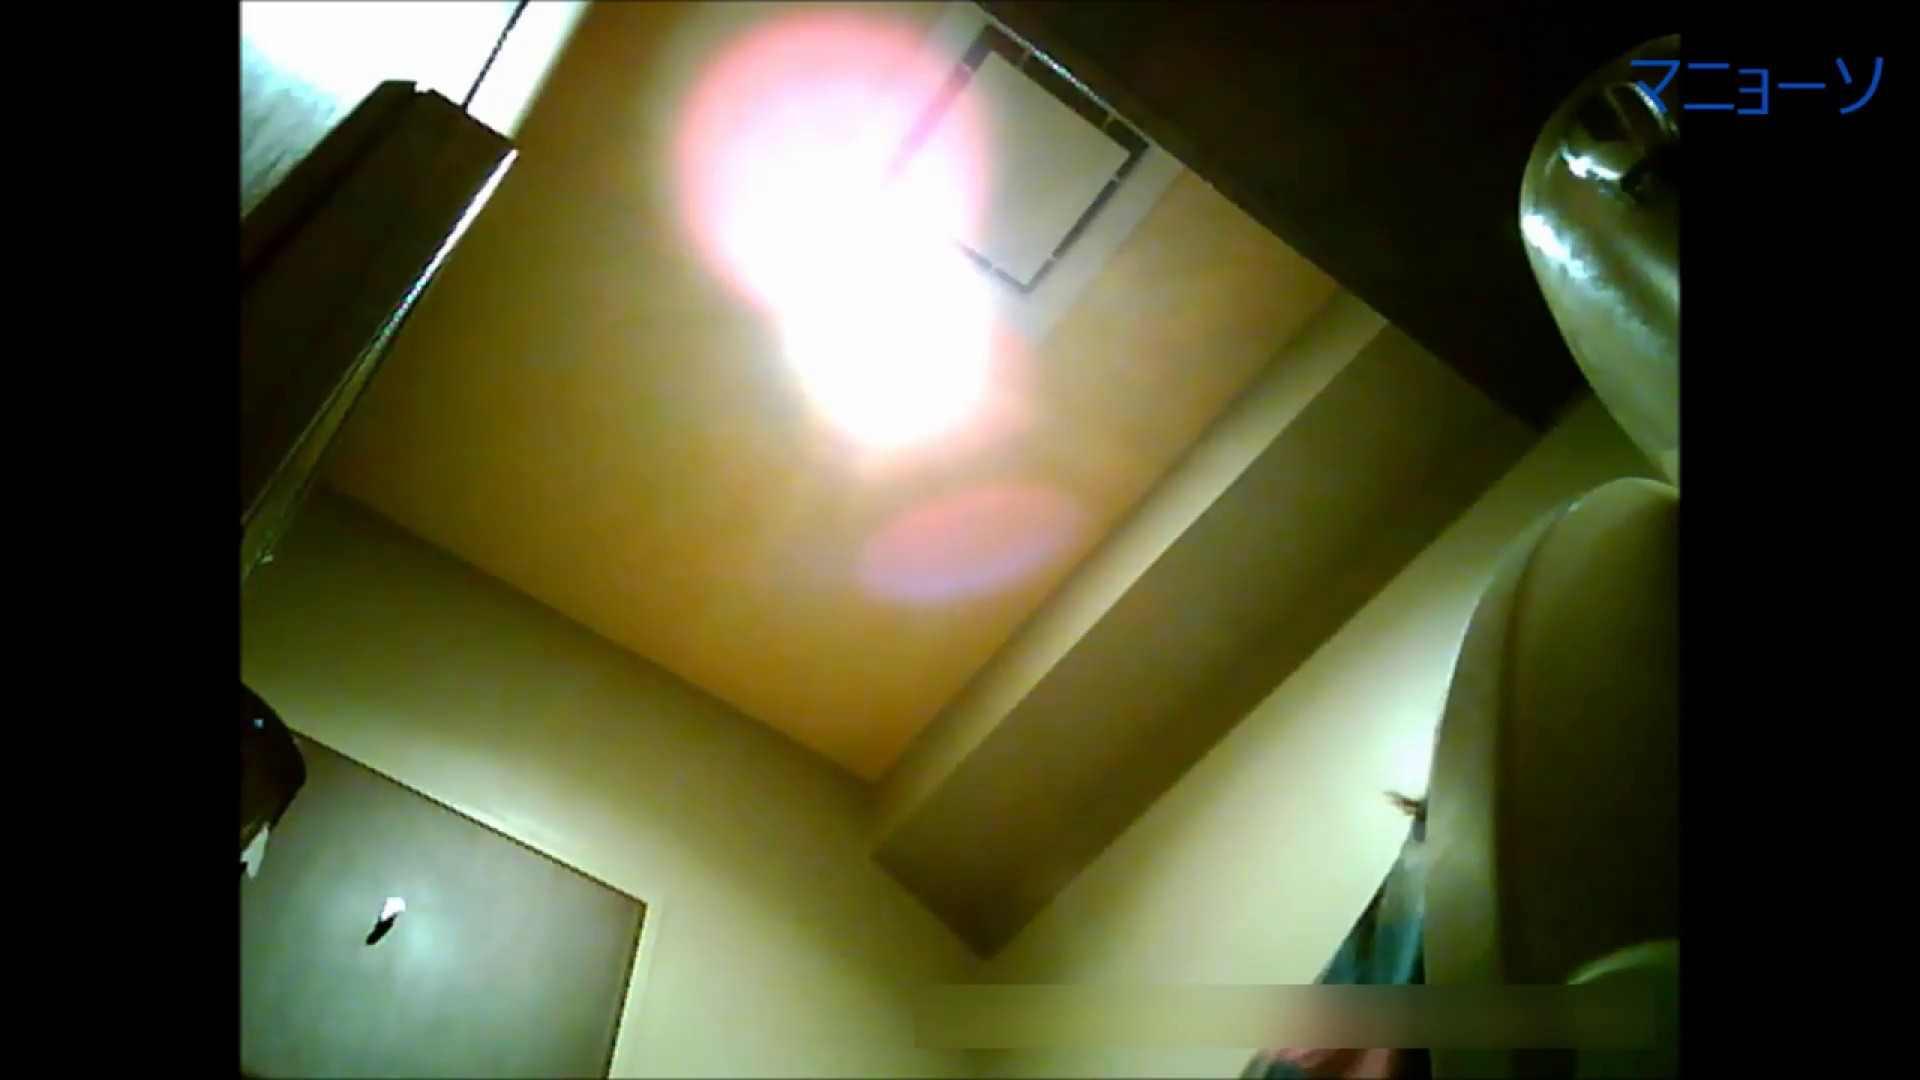 トイレでひと肌脱いでもらいました (JD編)Vol.02 トイレ | OLの実態  80pic 59